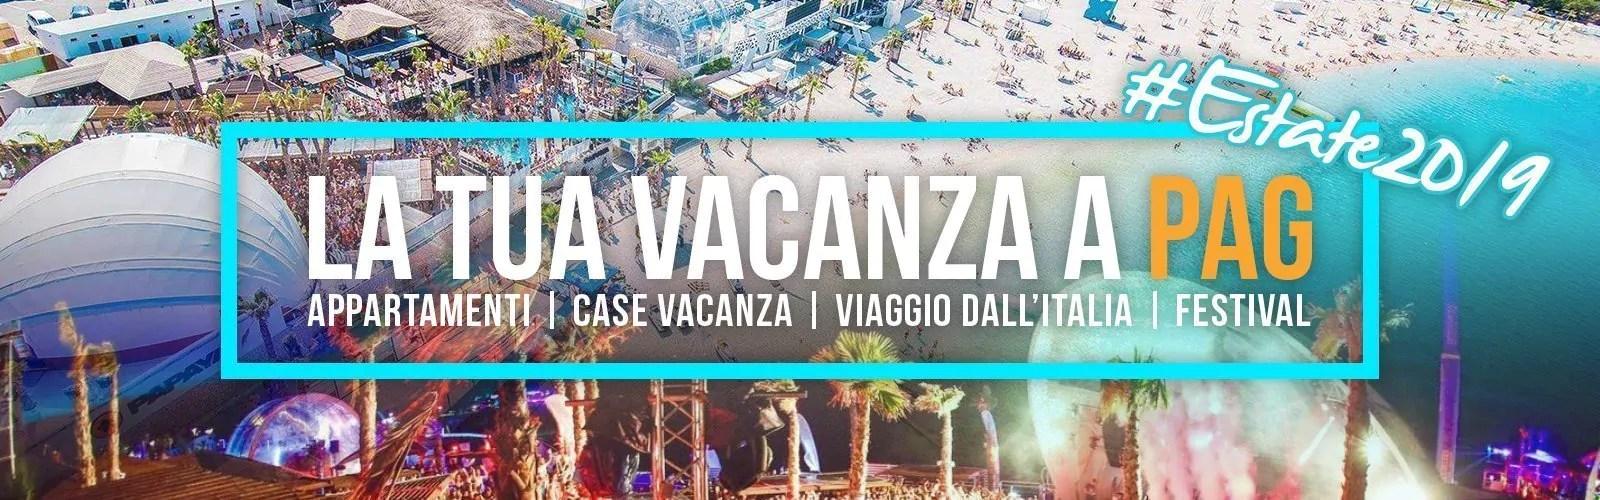 VACANZE A PAG ESTATE 2020 – VACANZE PER I GIOVANI – APPARTAMENTI EVENTI FESTIVAL